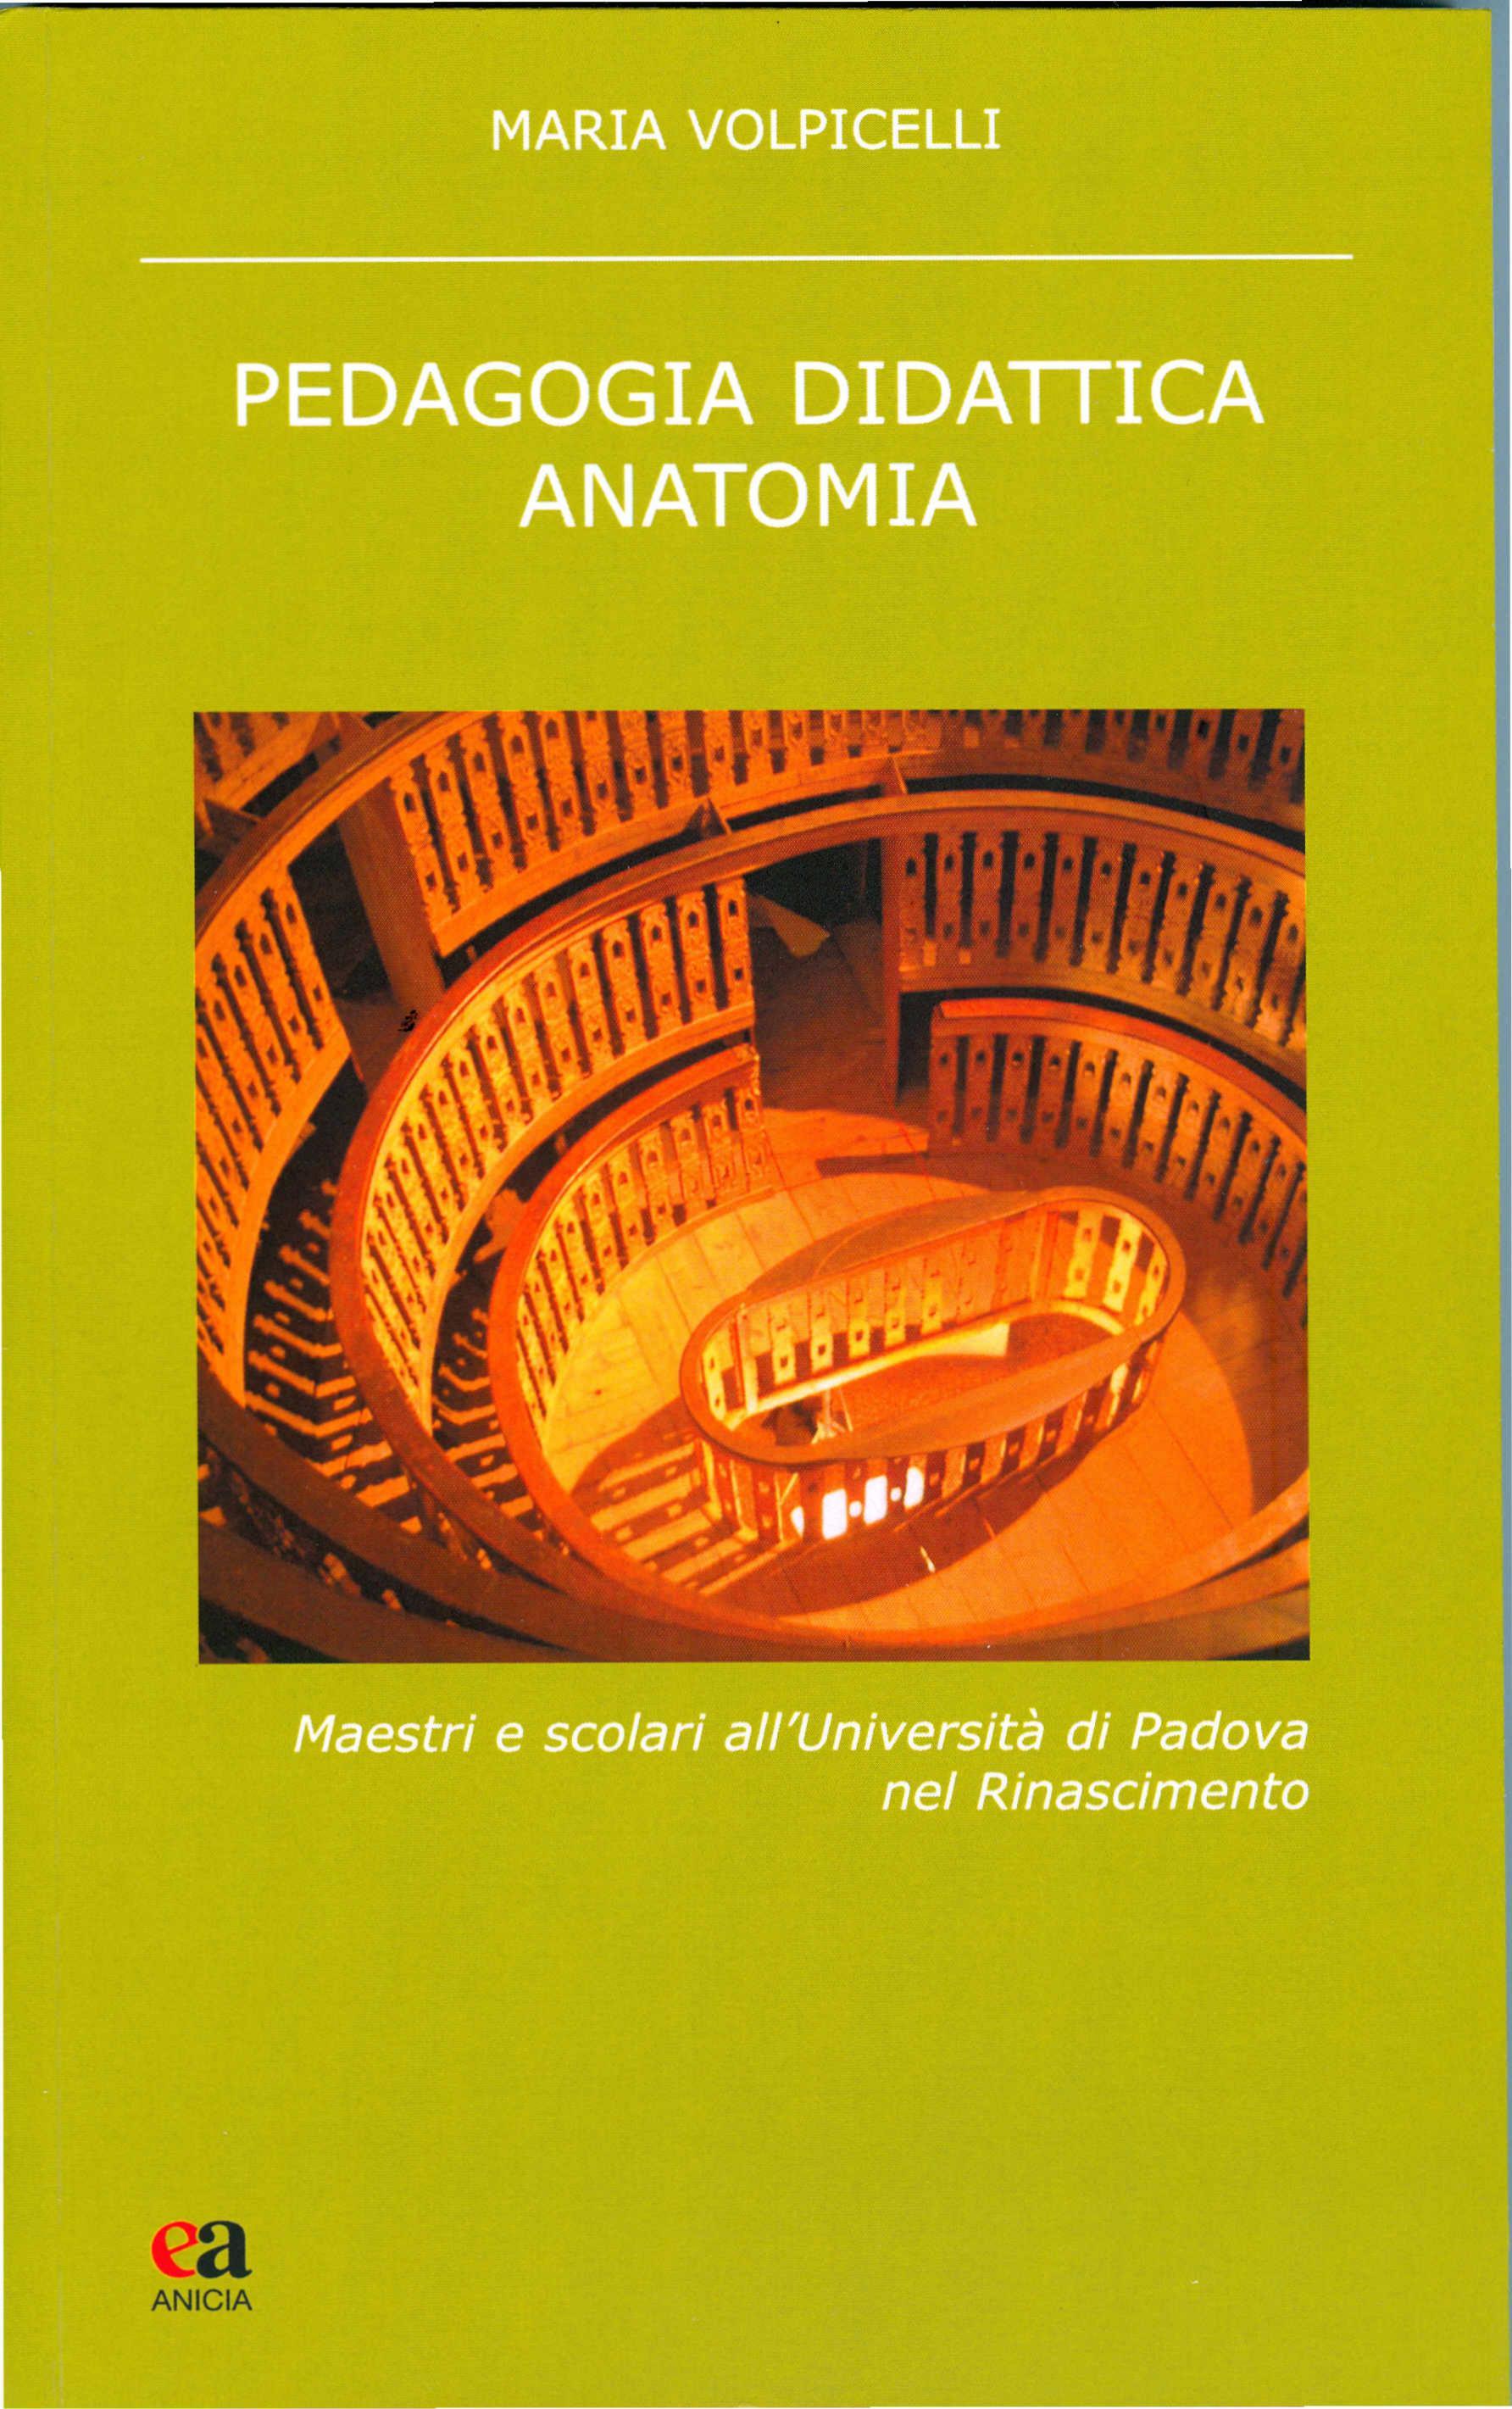 Copertina libro Volpicelli Pedagogia didattica anatomia. Maestri e scolari all